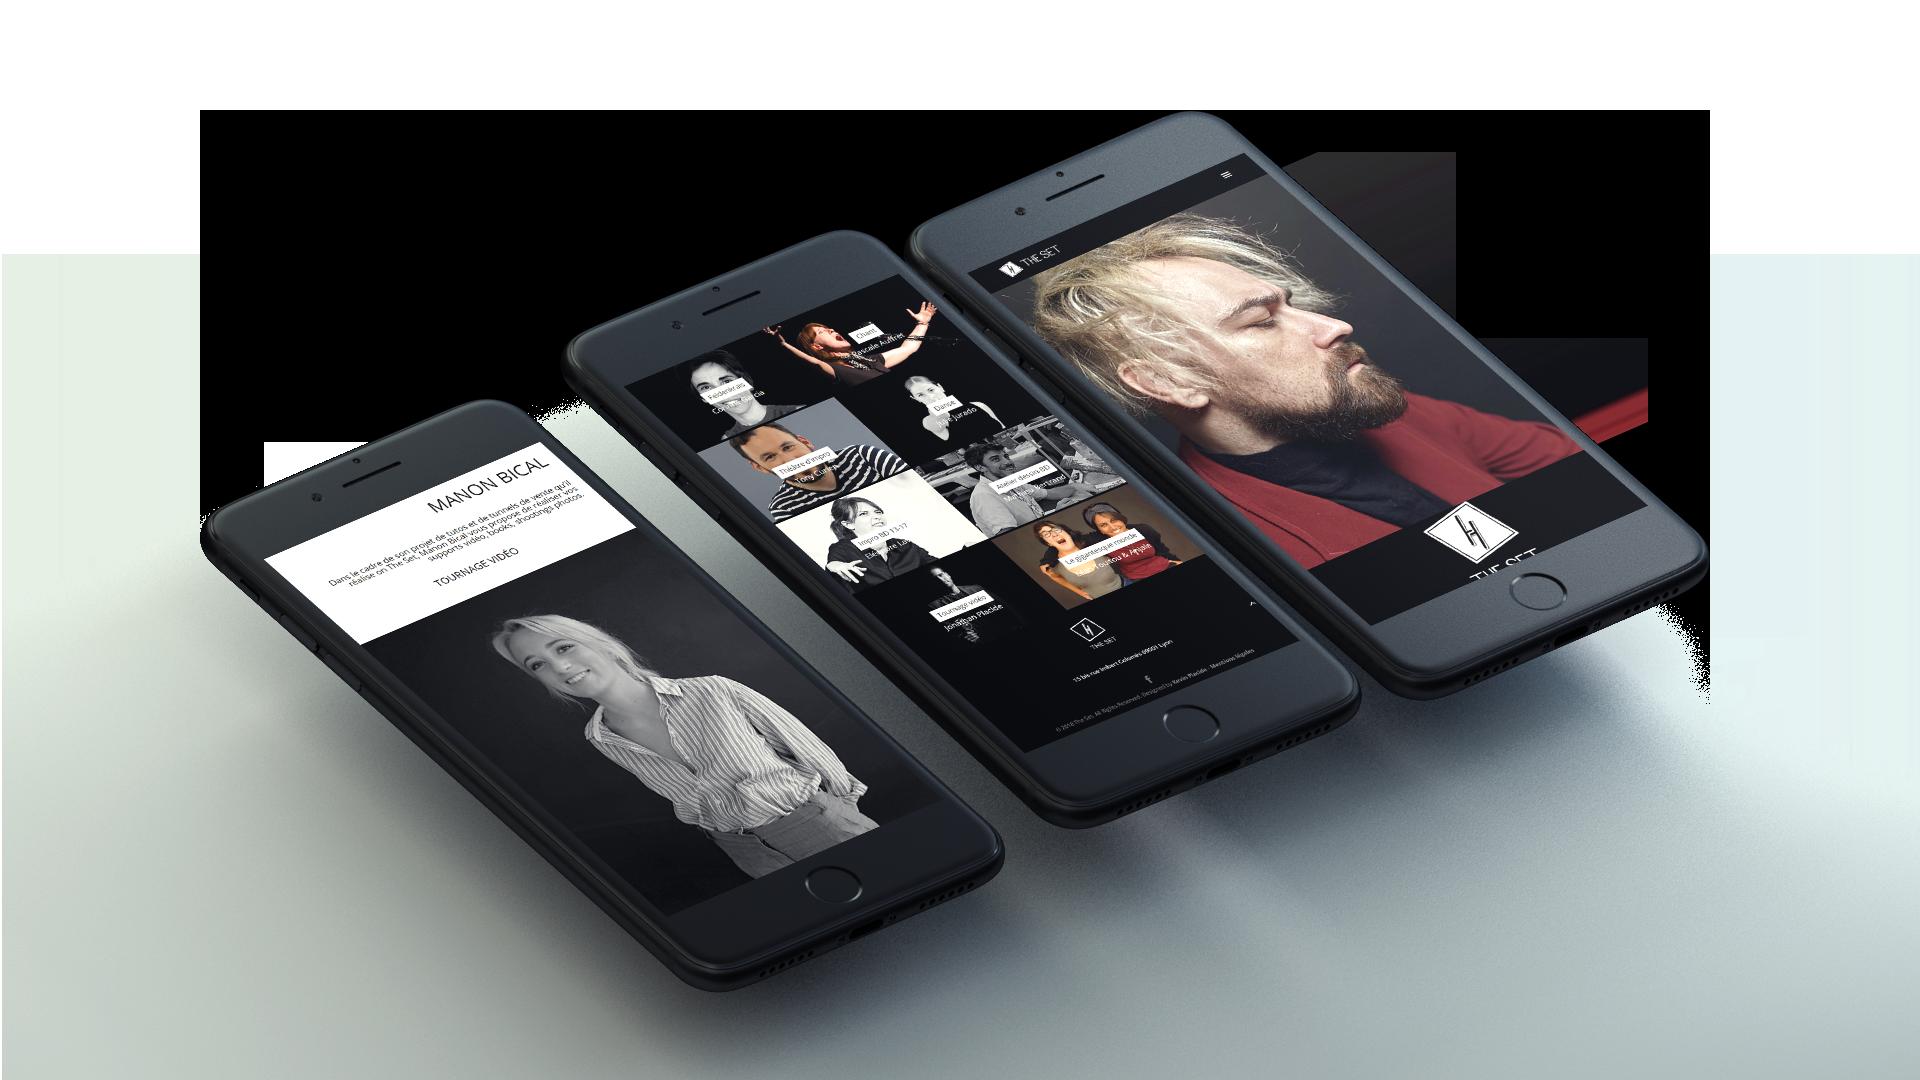 Version mobile du site The Set